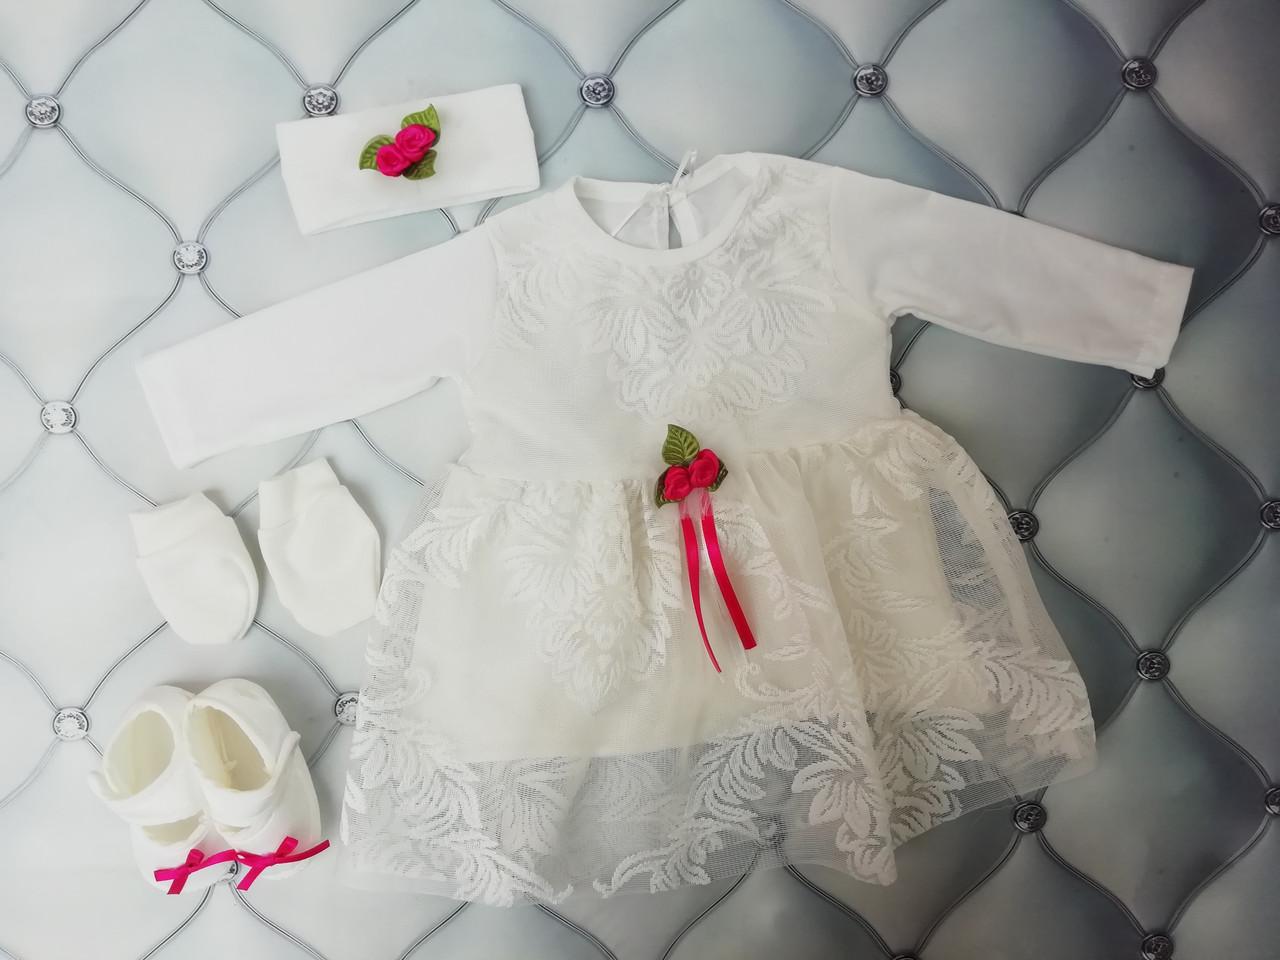 Подарочный набор для девочки Маленькая мисс, 4 предмета, р. 62-68